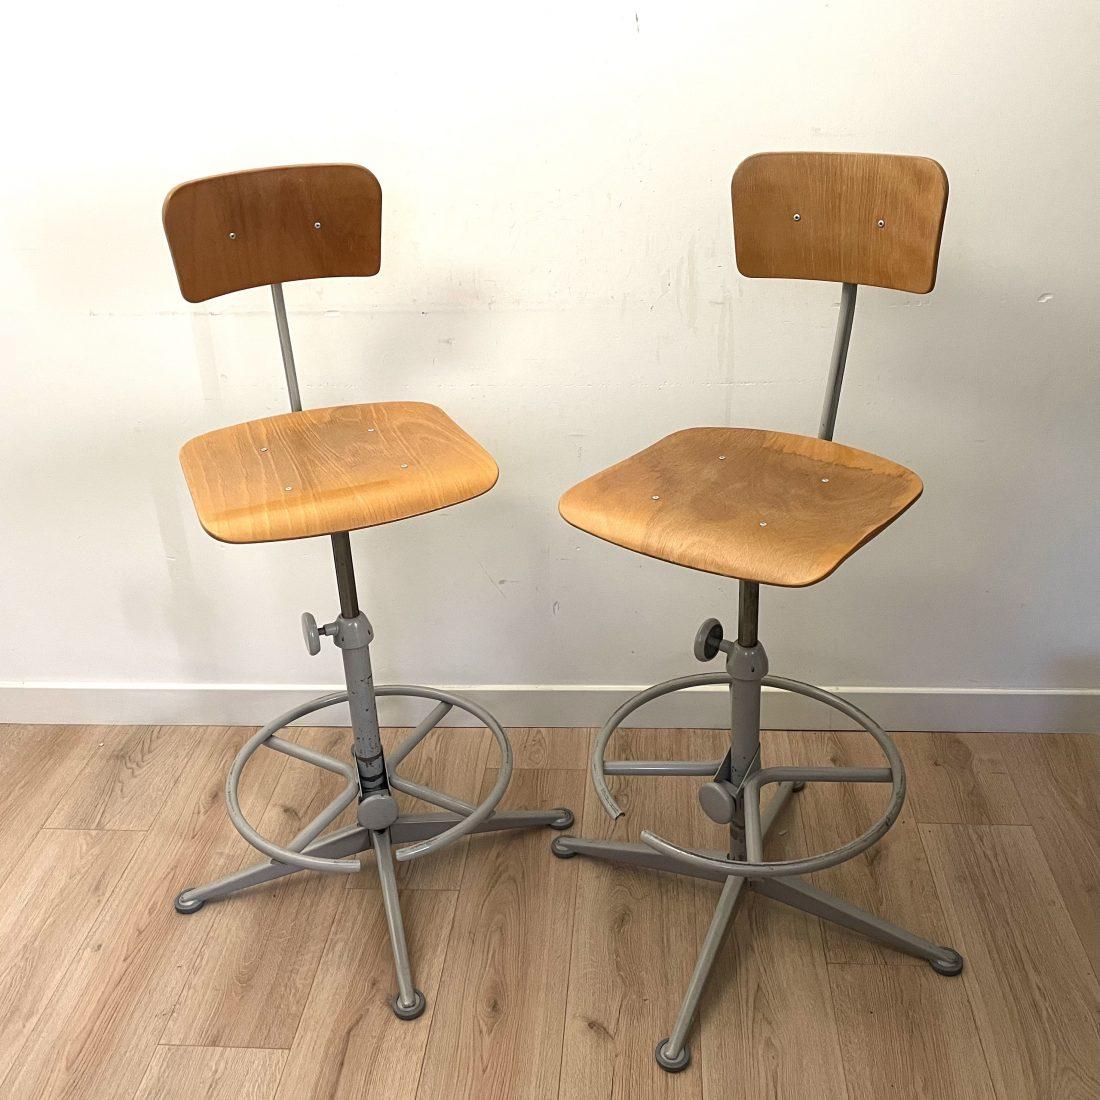 Jops industriële smeedijzeren verstelbare stoelen, jaren 50